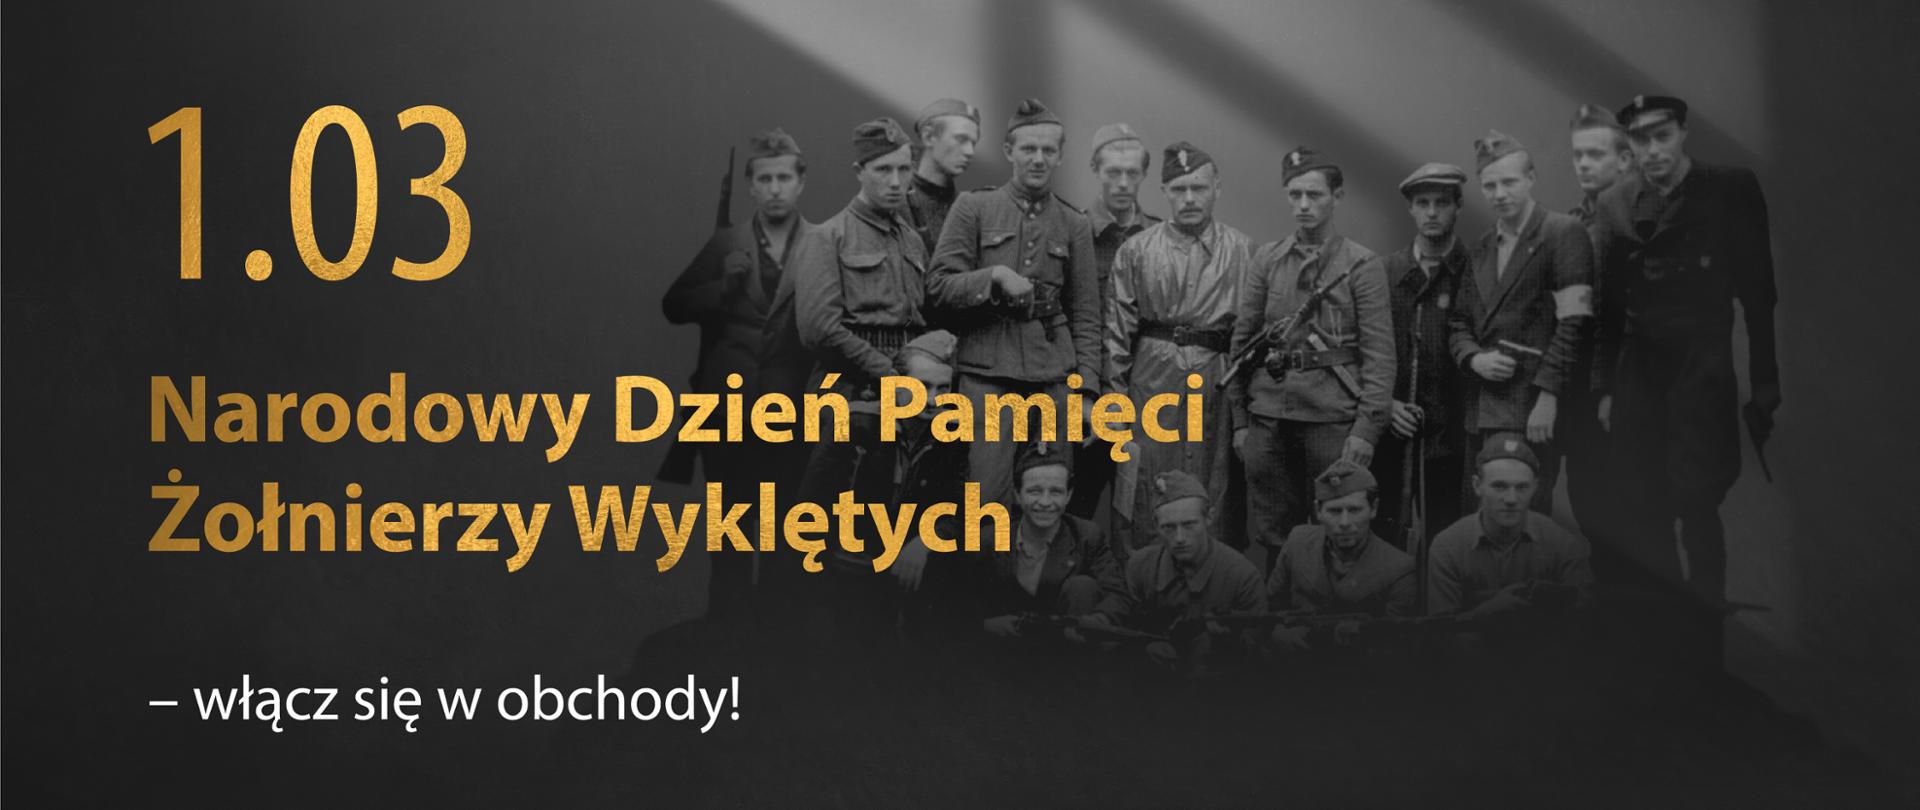 """Obchody Narodowego Dnia Pamięci """"Żołnierzy Wyklętych"""" - Ministerstwo  Edukacji i Nauki - Portal Gov.pl"""